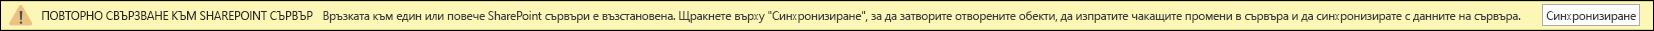 Щракнете върху синхронизиране, за да се свържете отново с SharePoint Server.